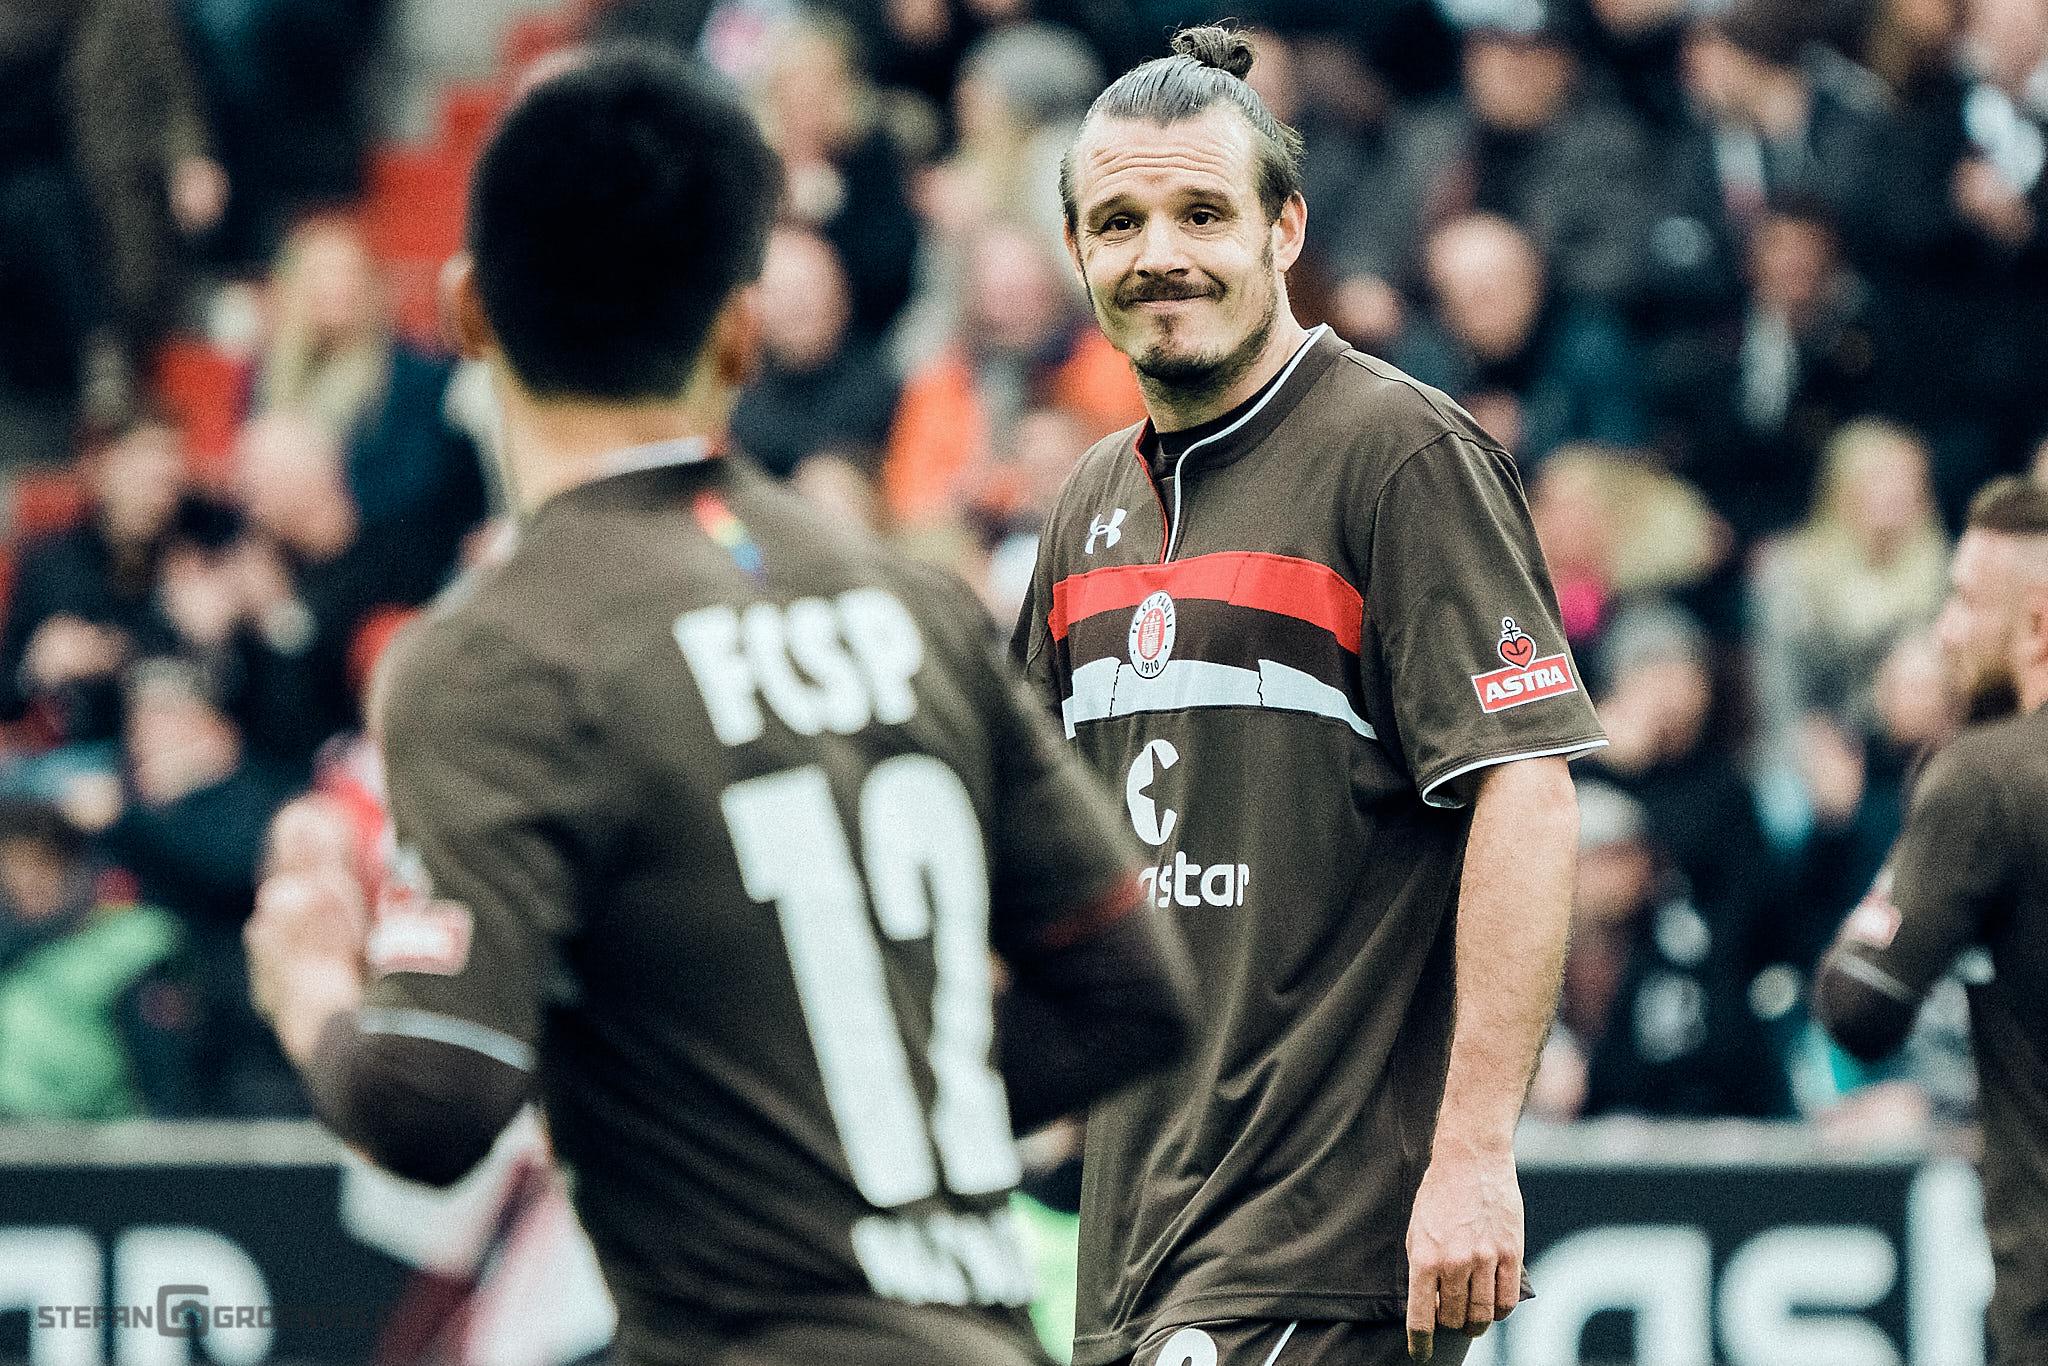 Vor dem Spiel – MSV Duisburg (H) – Spieltag 27 – Saison 2018/19